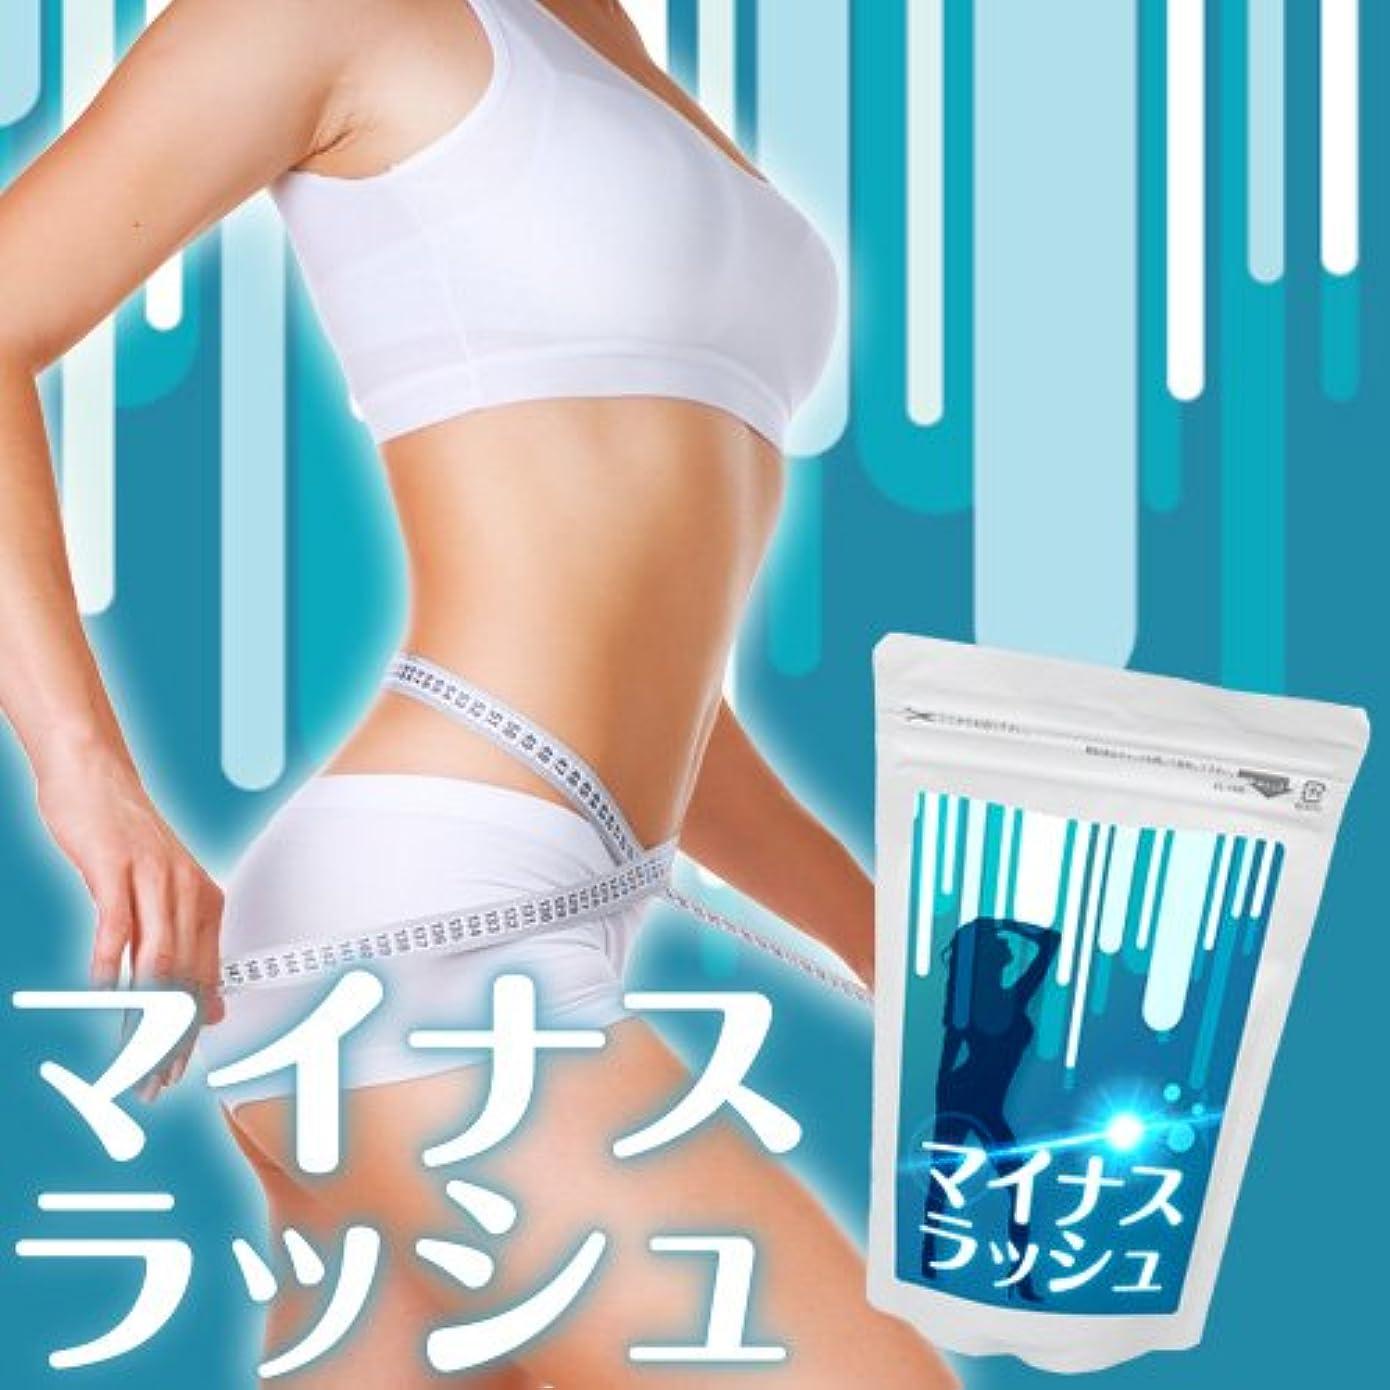 で不格好北米minuslash - マイナスラッシュ - ダイエット ダイエットサプリ 糖質制限 送料無料